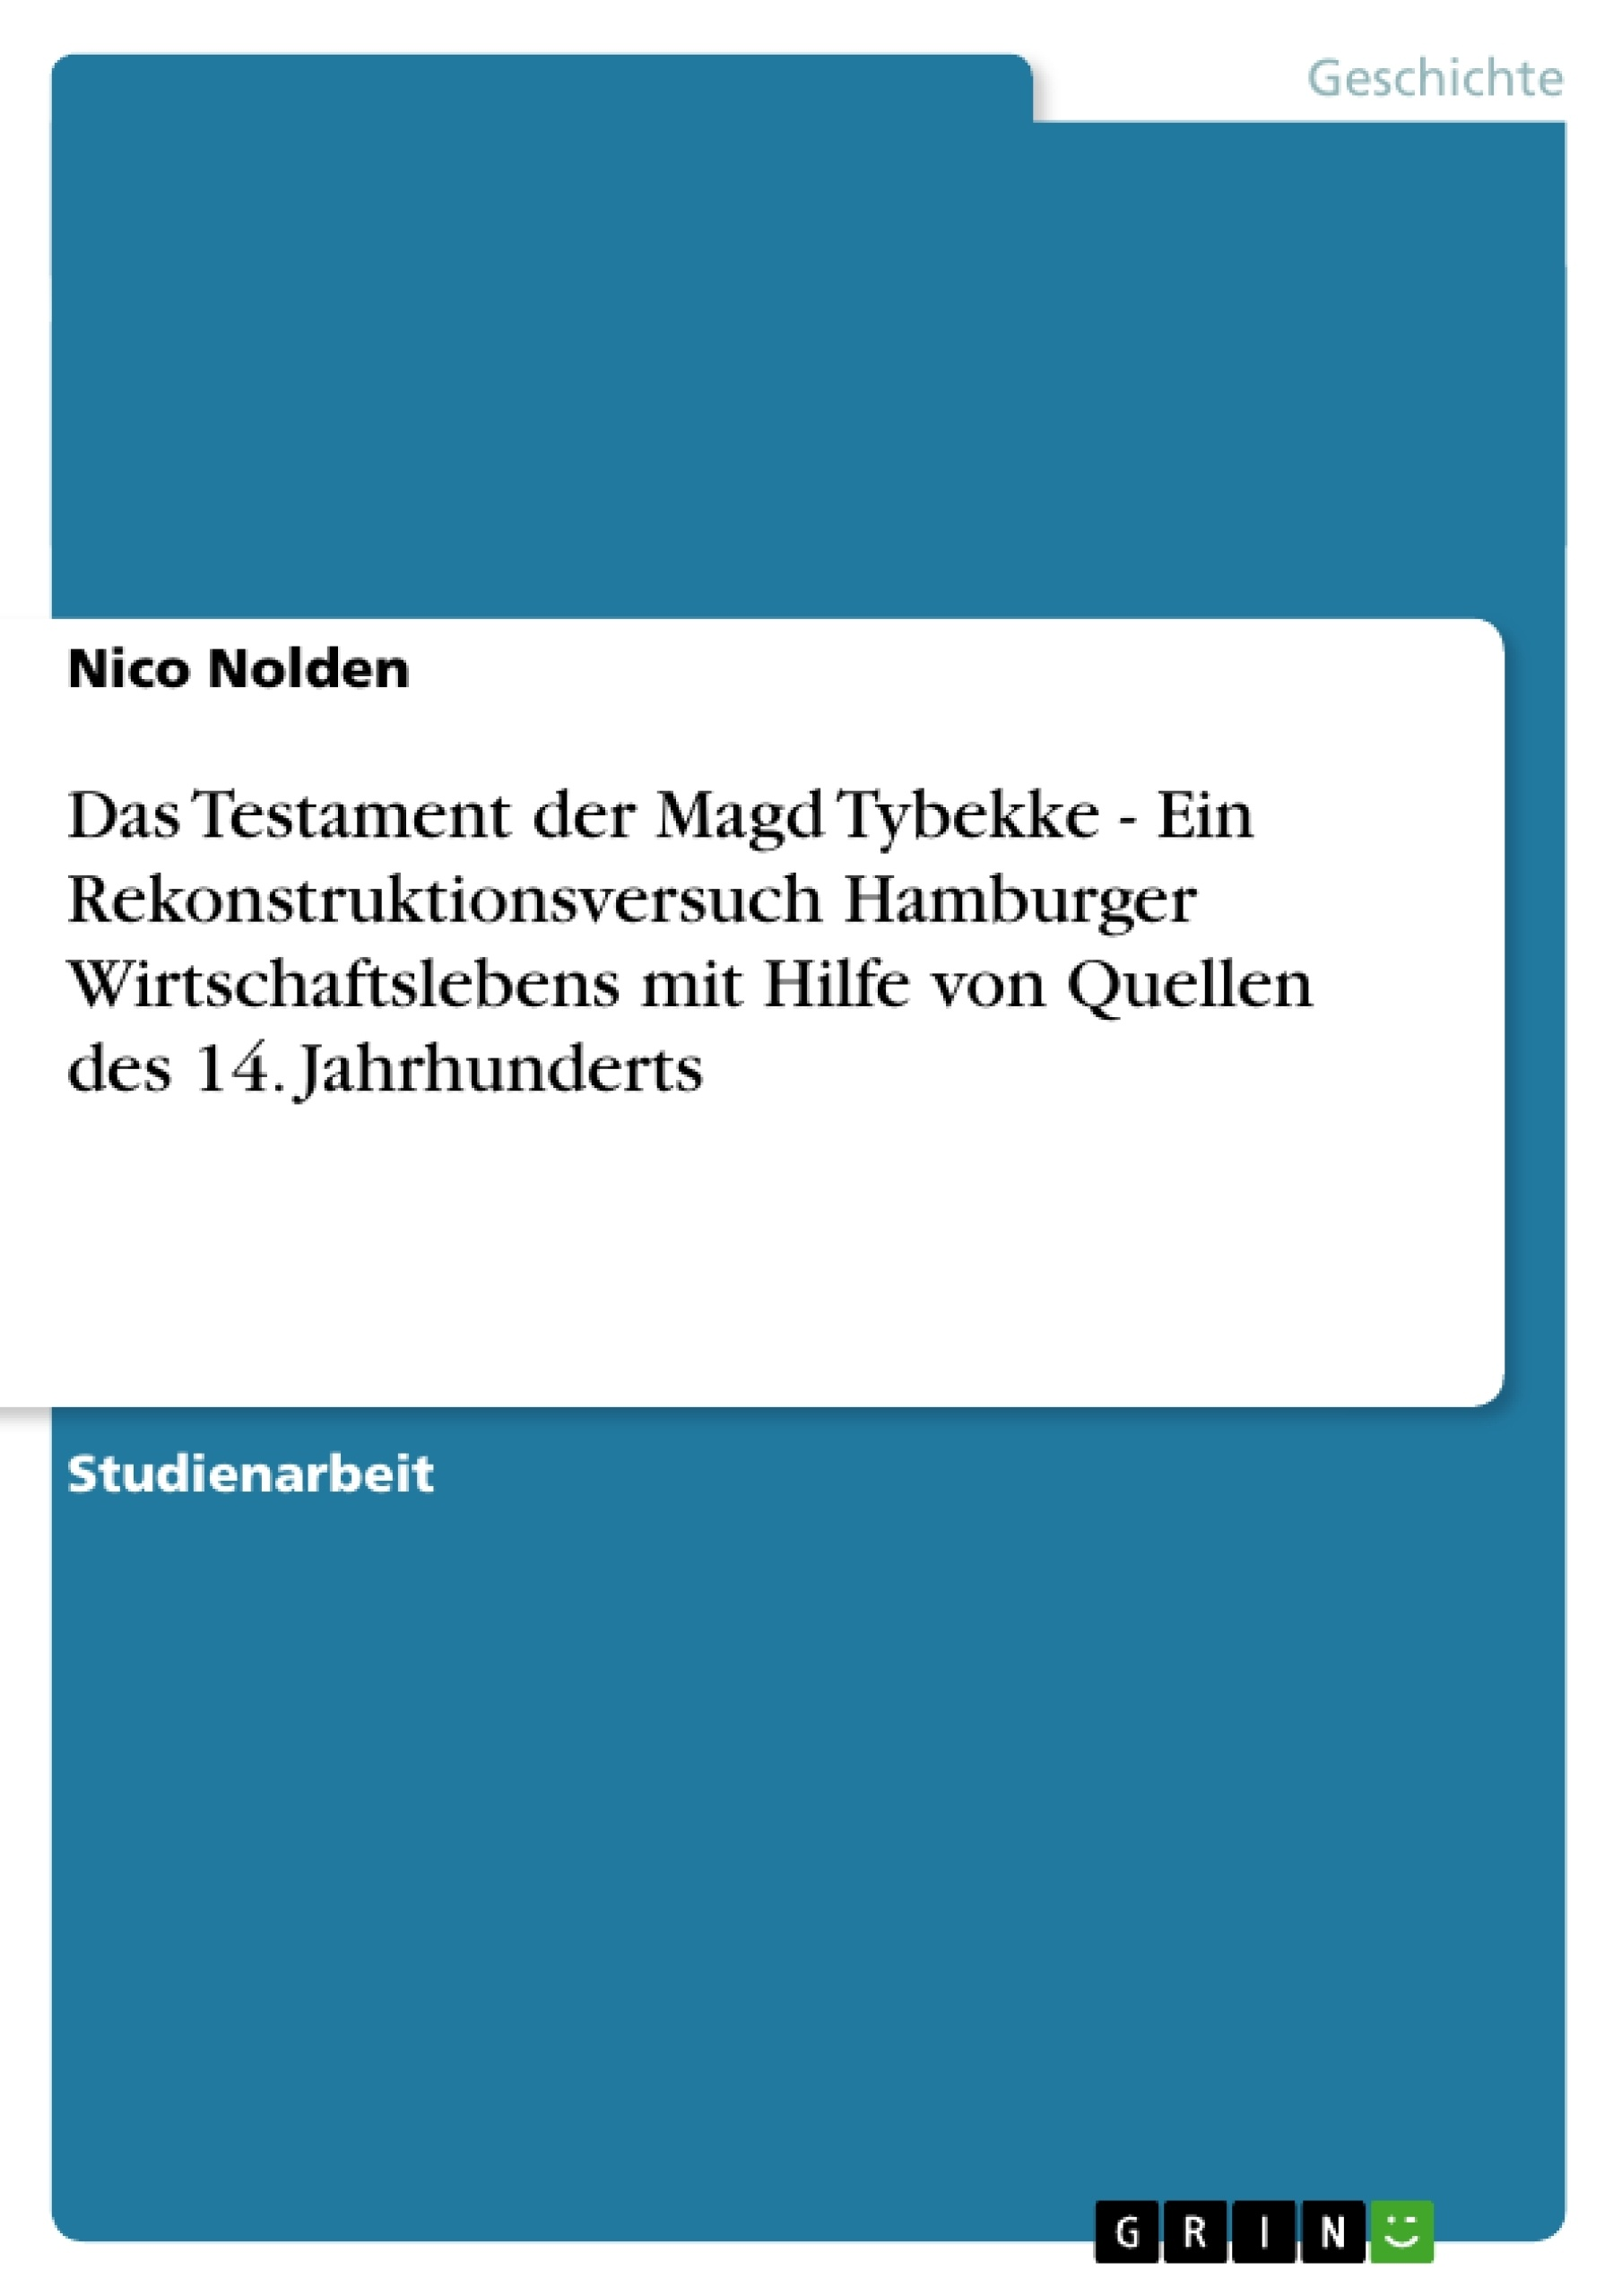 Titel: Das Testament der Magd Tybekke - Ein Rekonstruktionsversuch Hamburger Wirtschaftslebens mit Hilfe von Quellen des 14. Jahrhunderts